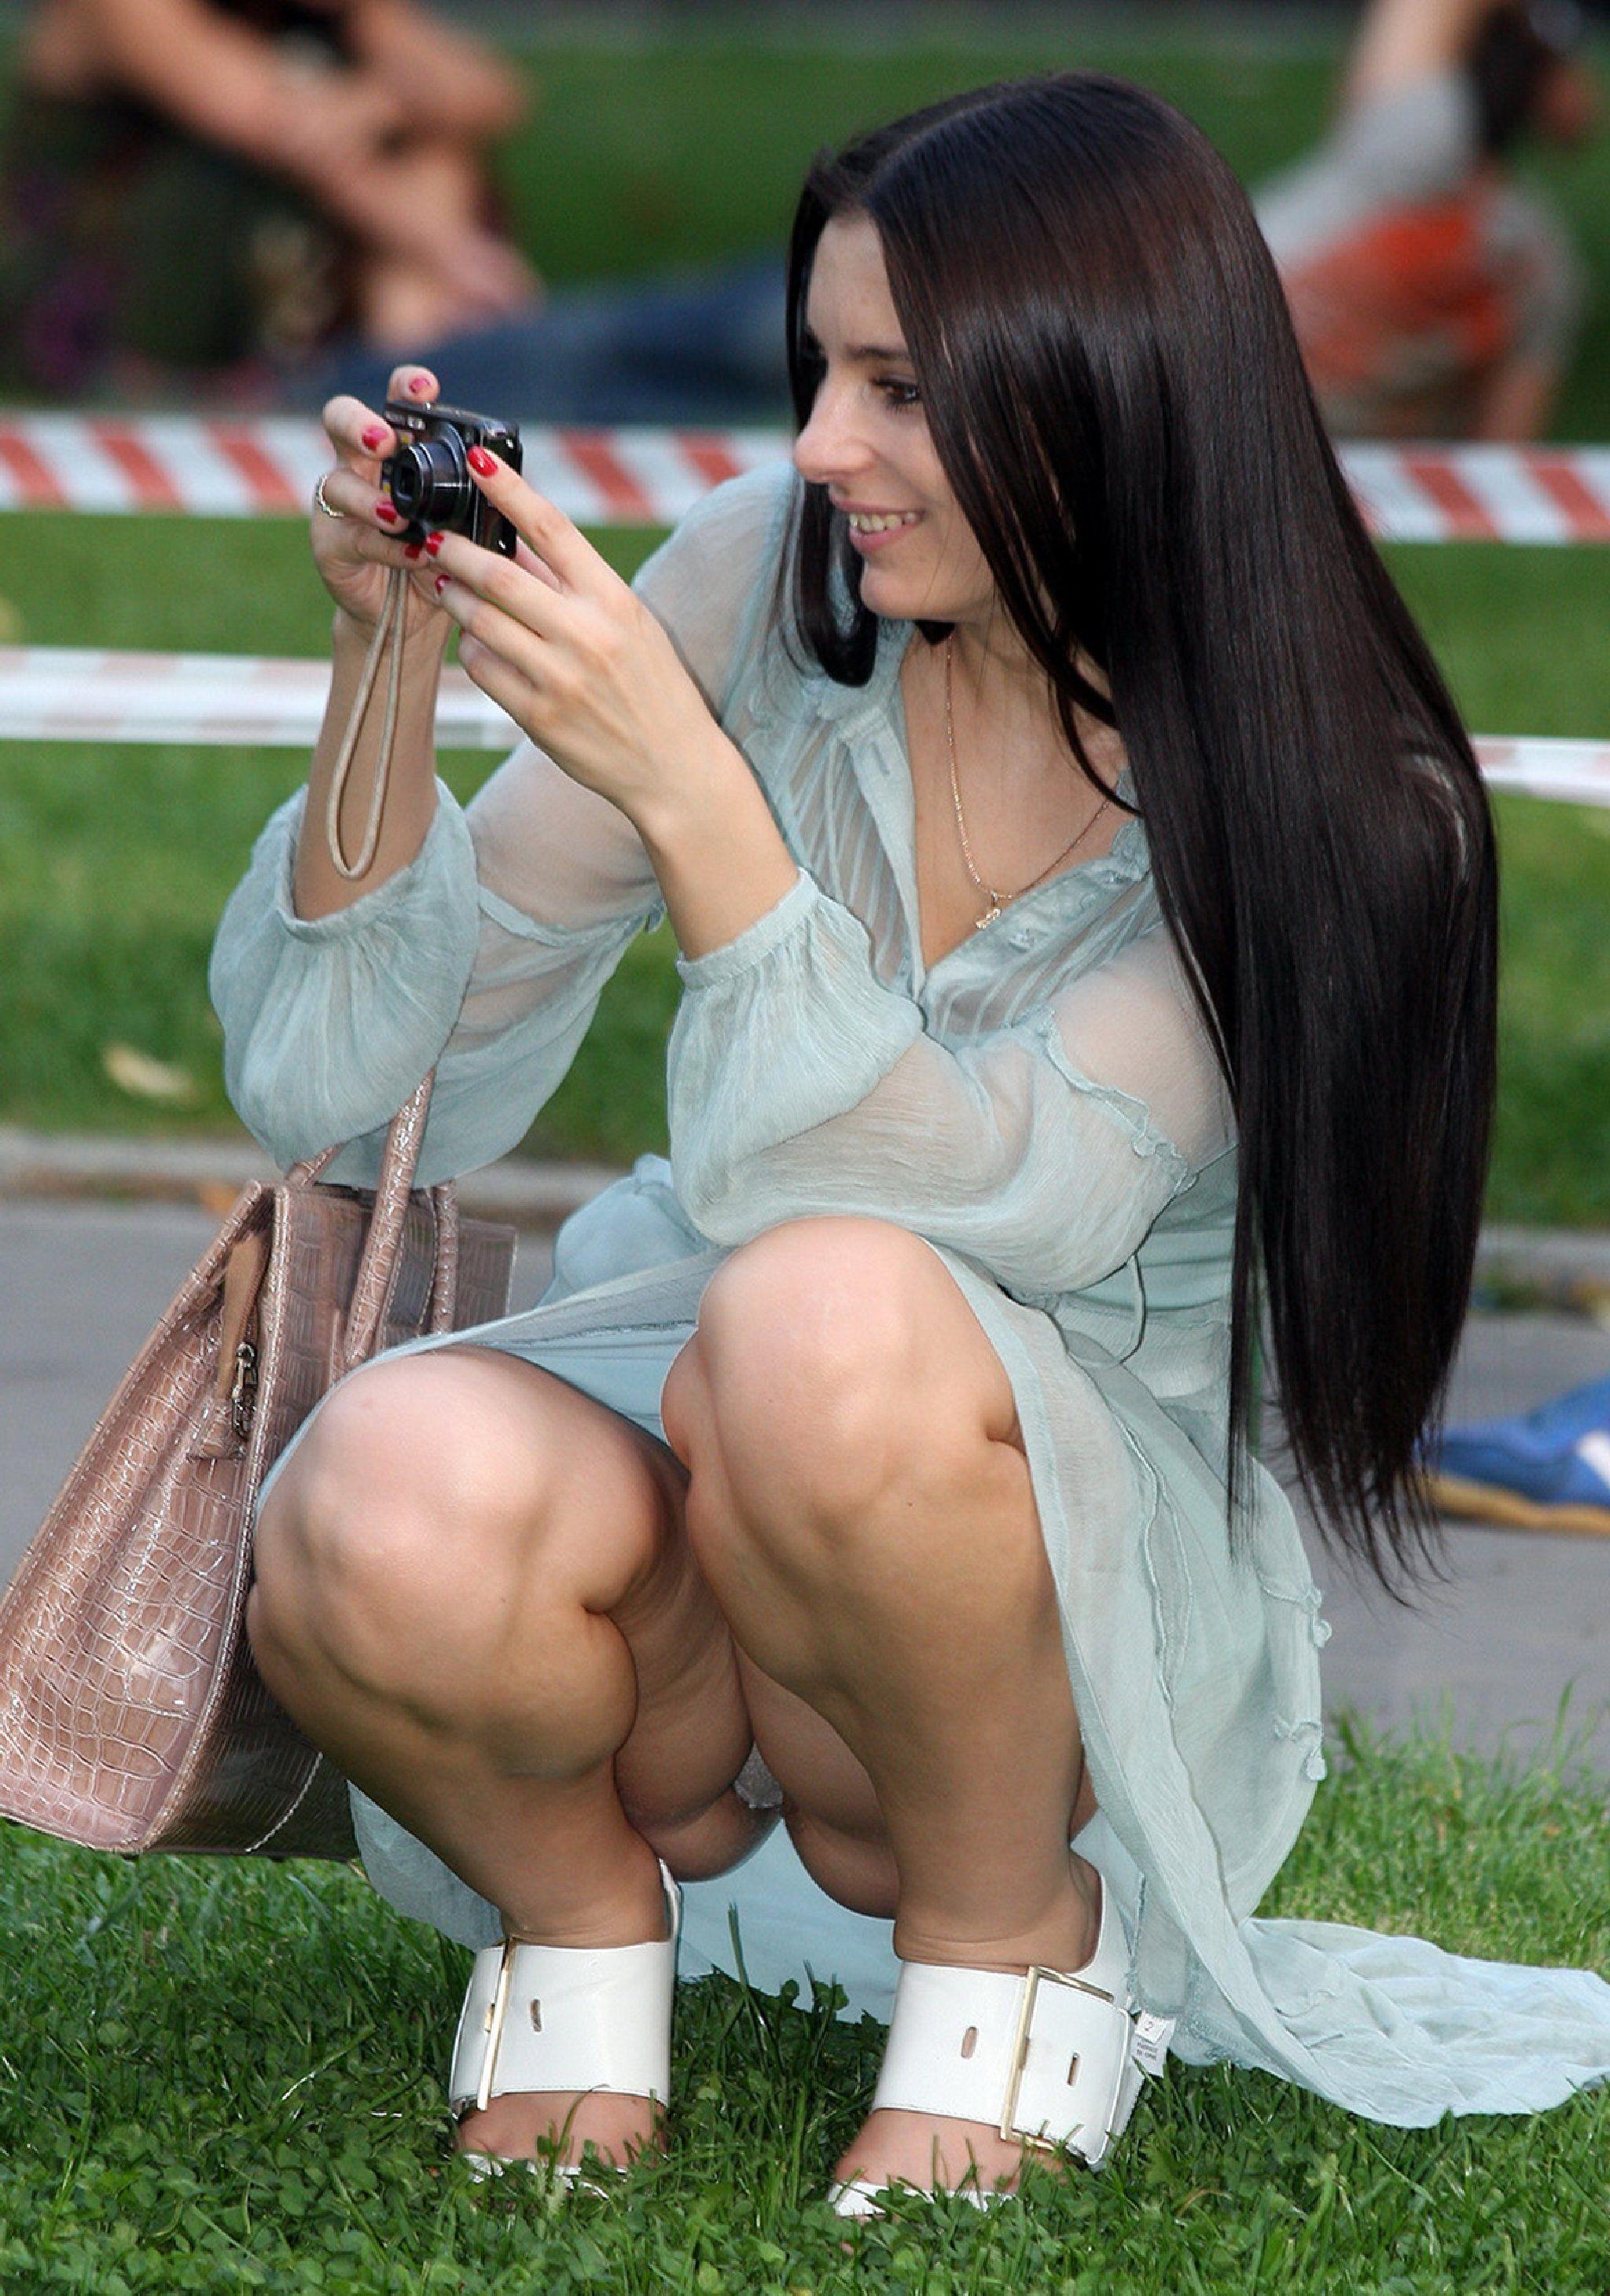 自然に見えるパンチラ総合スレPart.11 改 [無断転載禁止]©bbspink.comYouTube動画>15本 ->画像>455枚